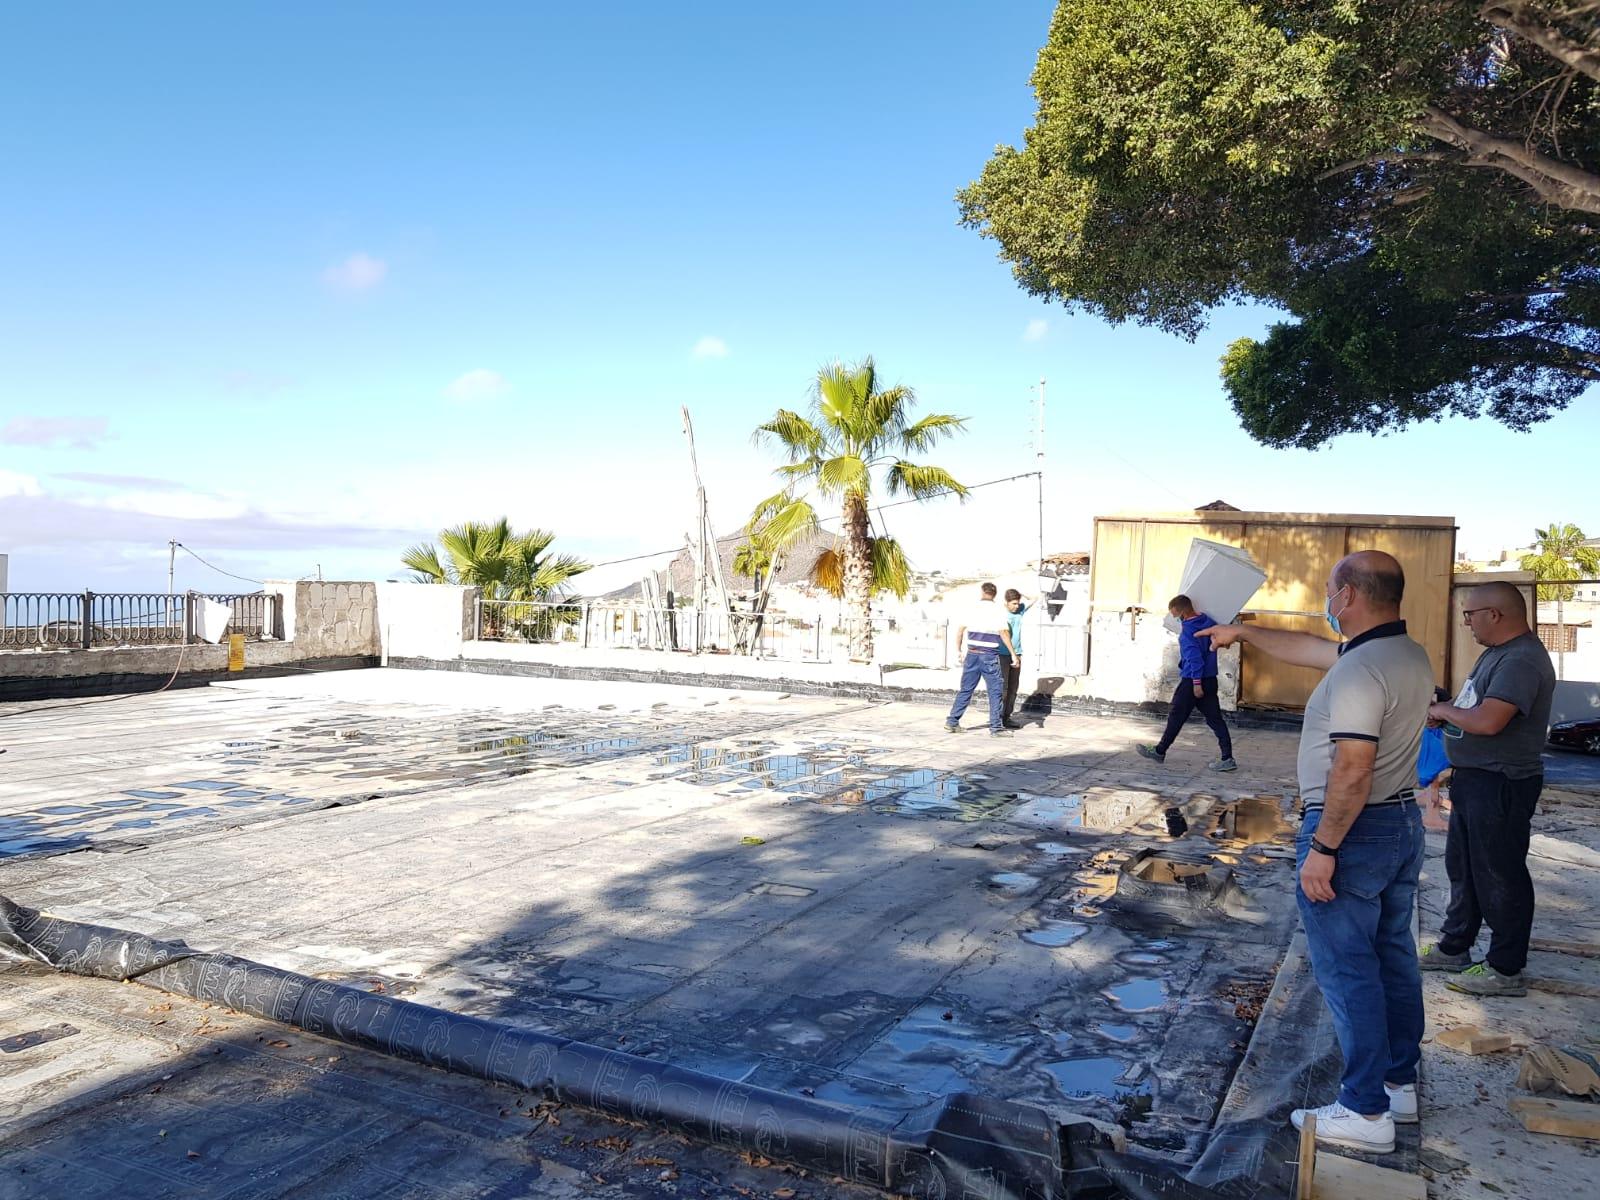 San Miguel de Abona. Rehabilitación de la plaza/ canariasnoticias